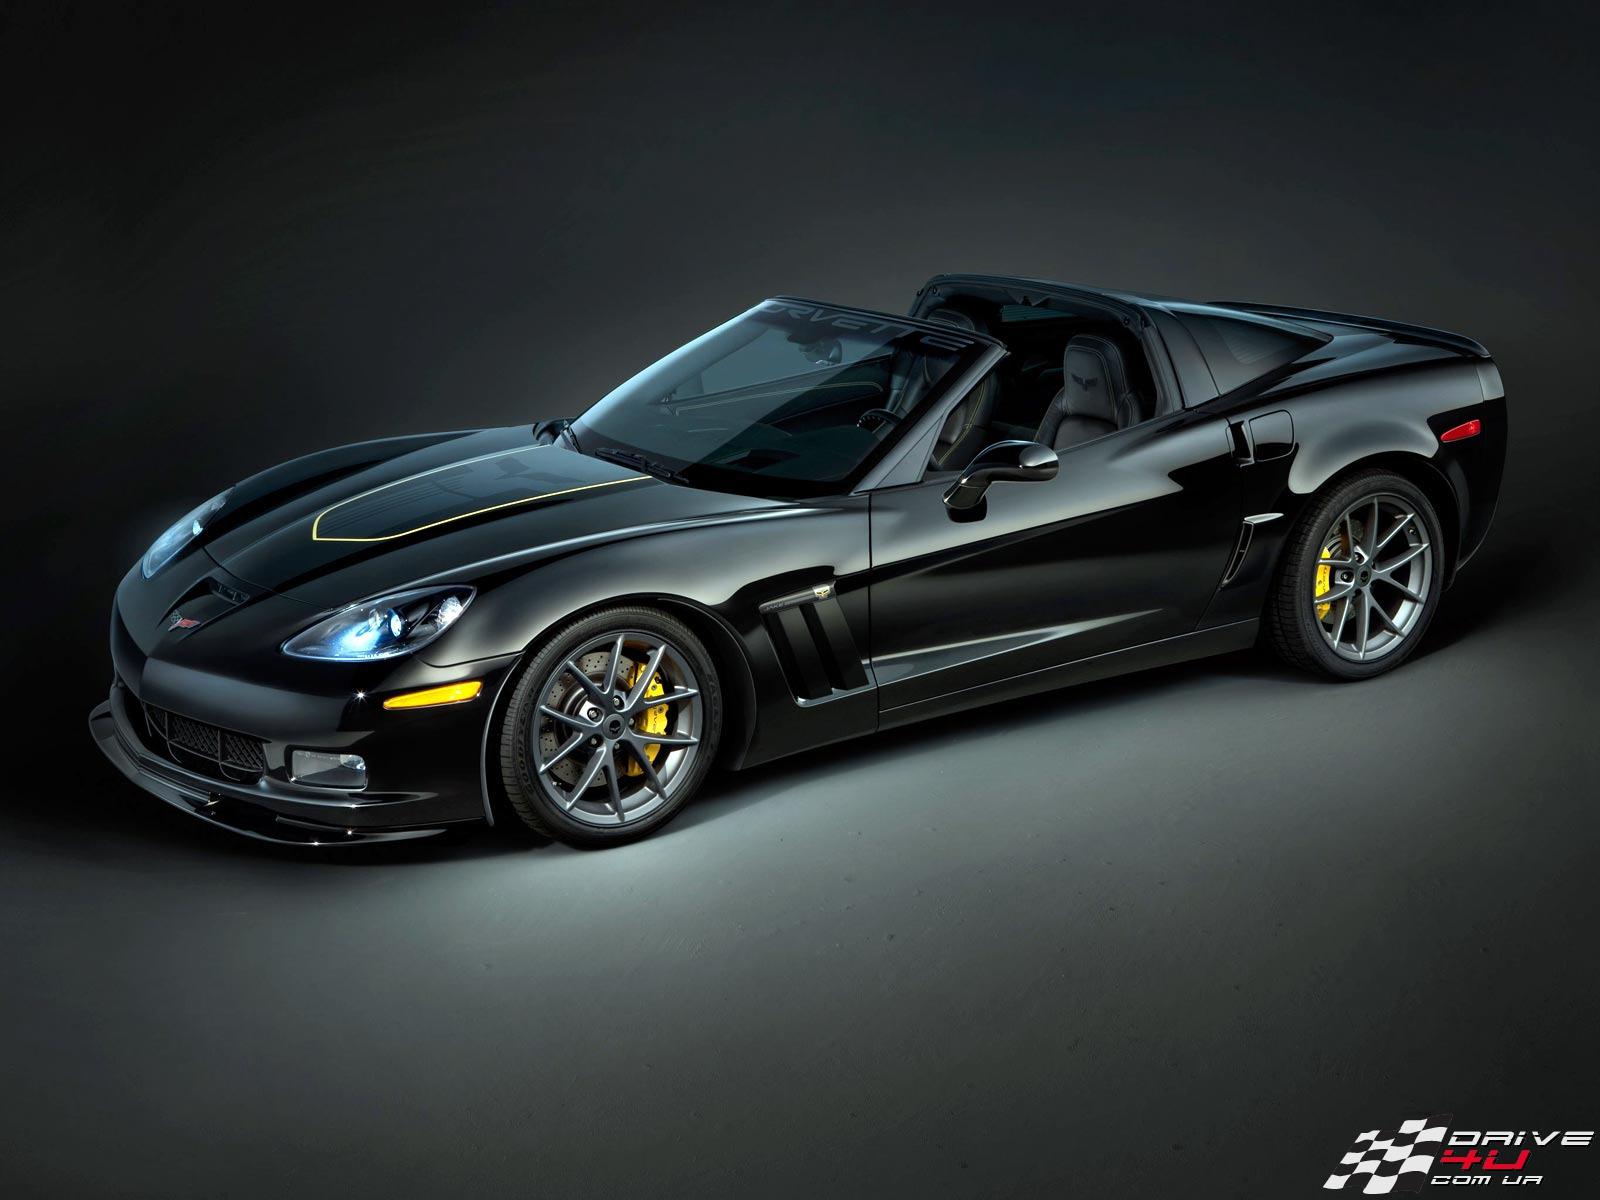 http://3.bp.blogspot.com/_gPeq-uTqpJQ/TTmdpmqYmzI/AAAAAAAAACg/2qIVAst9TFY/s1600/SEMA-2010-Chevrolet-Corvette-Jake-Edition-Concept-tuning-foto-1x1600x1200.jpg